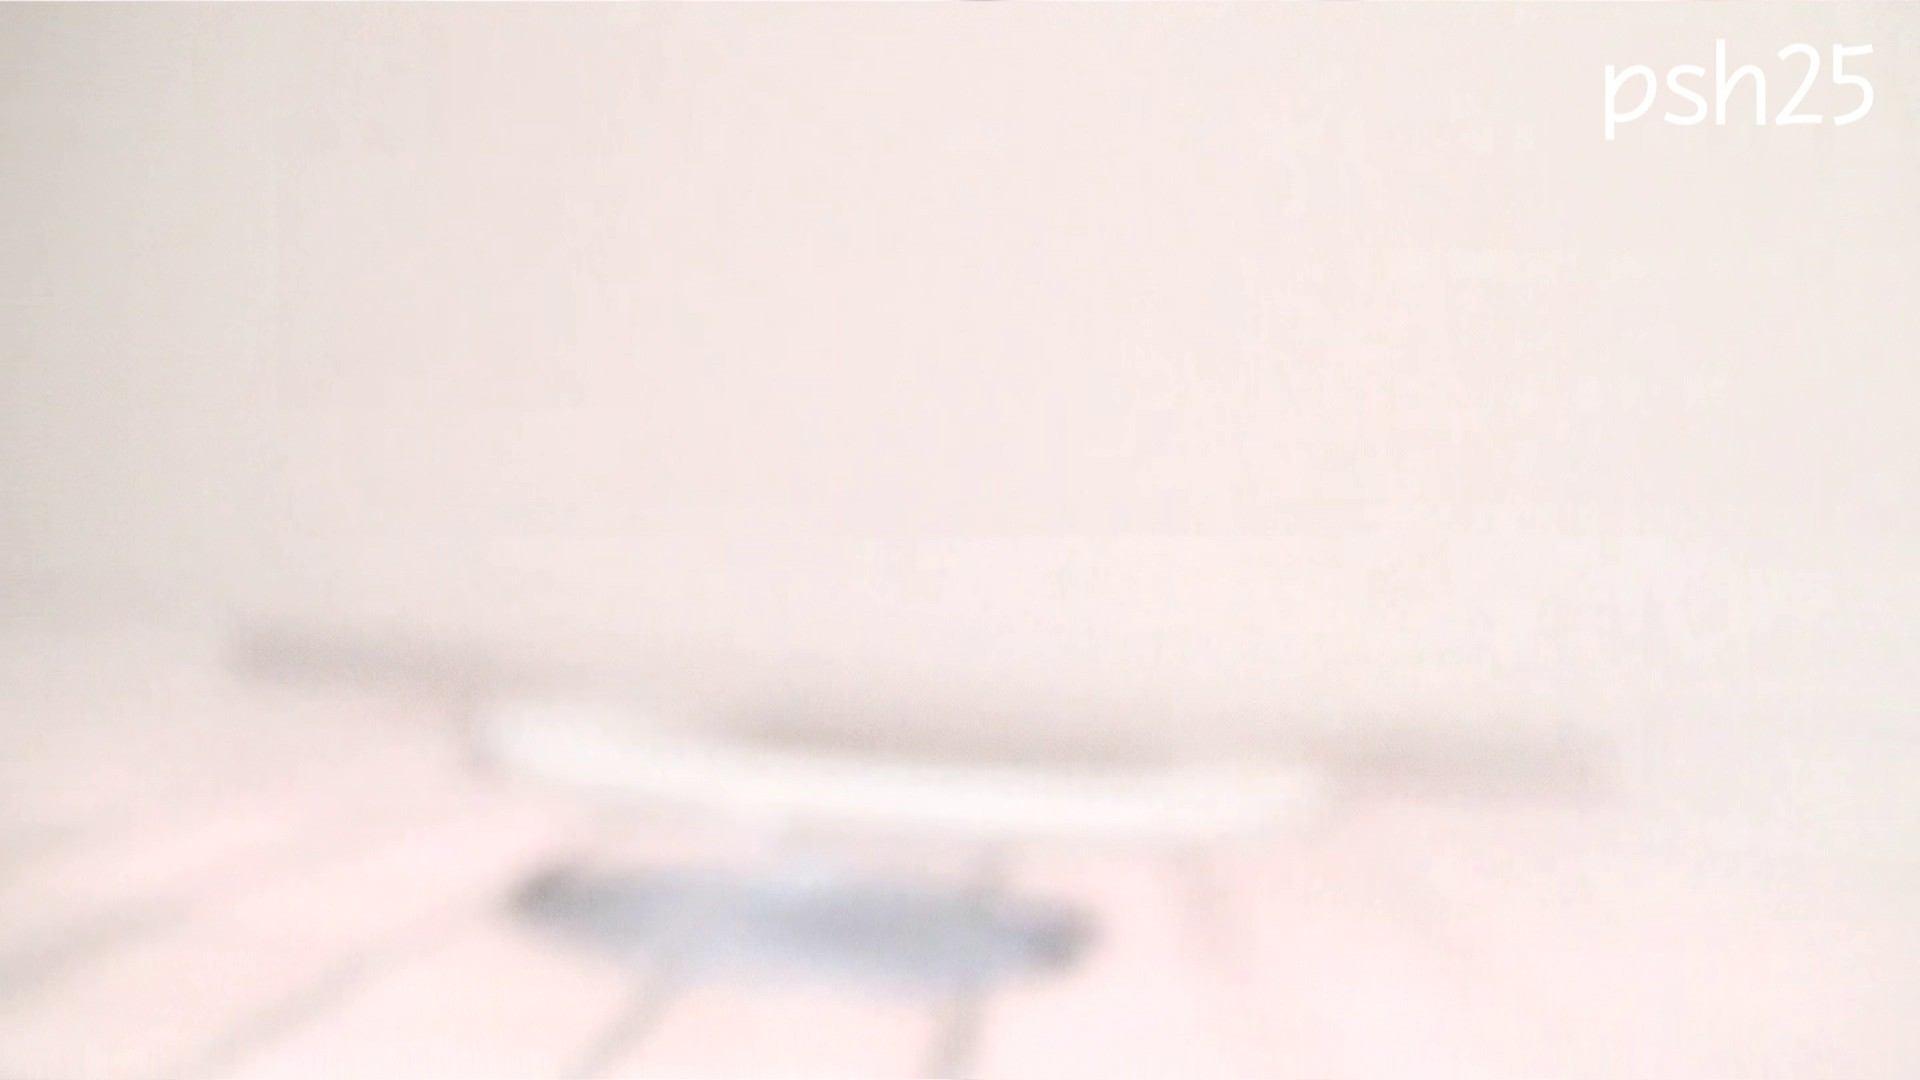 ▲復活限定▲ハイビジョン 盗神伝 Vol.25 洗面所  71Pix 28